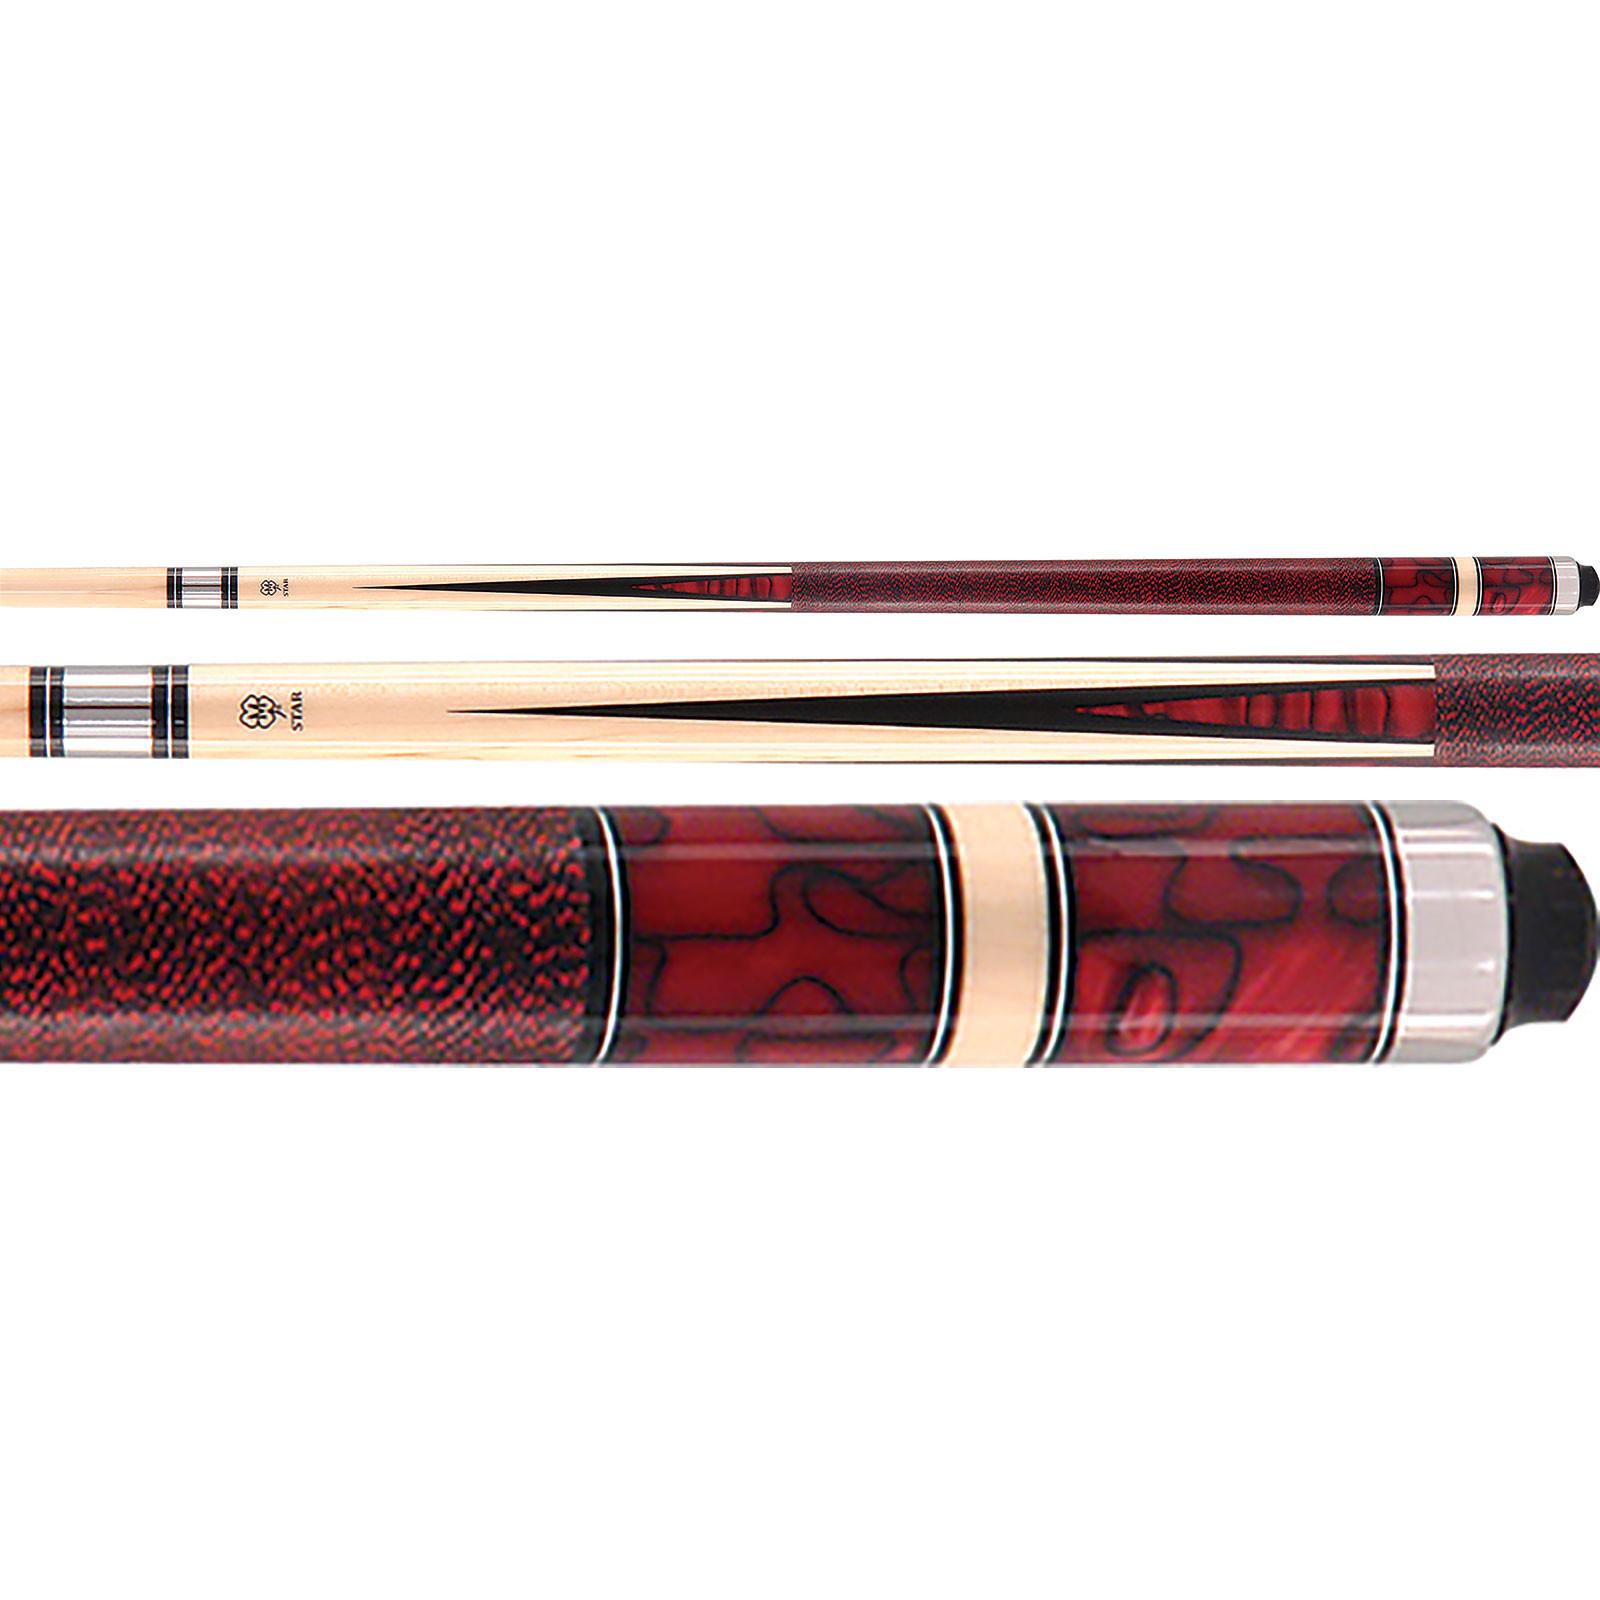 McDermott Star S23 Red Pearl Billiards Pool Cue Stick